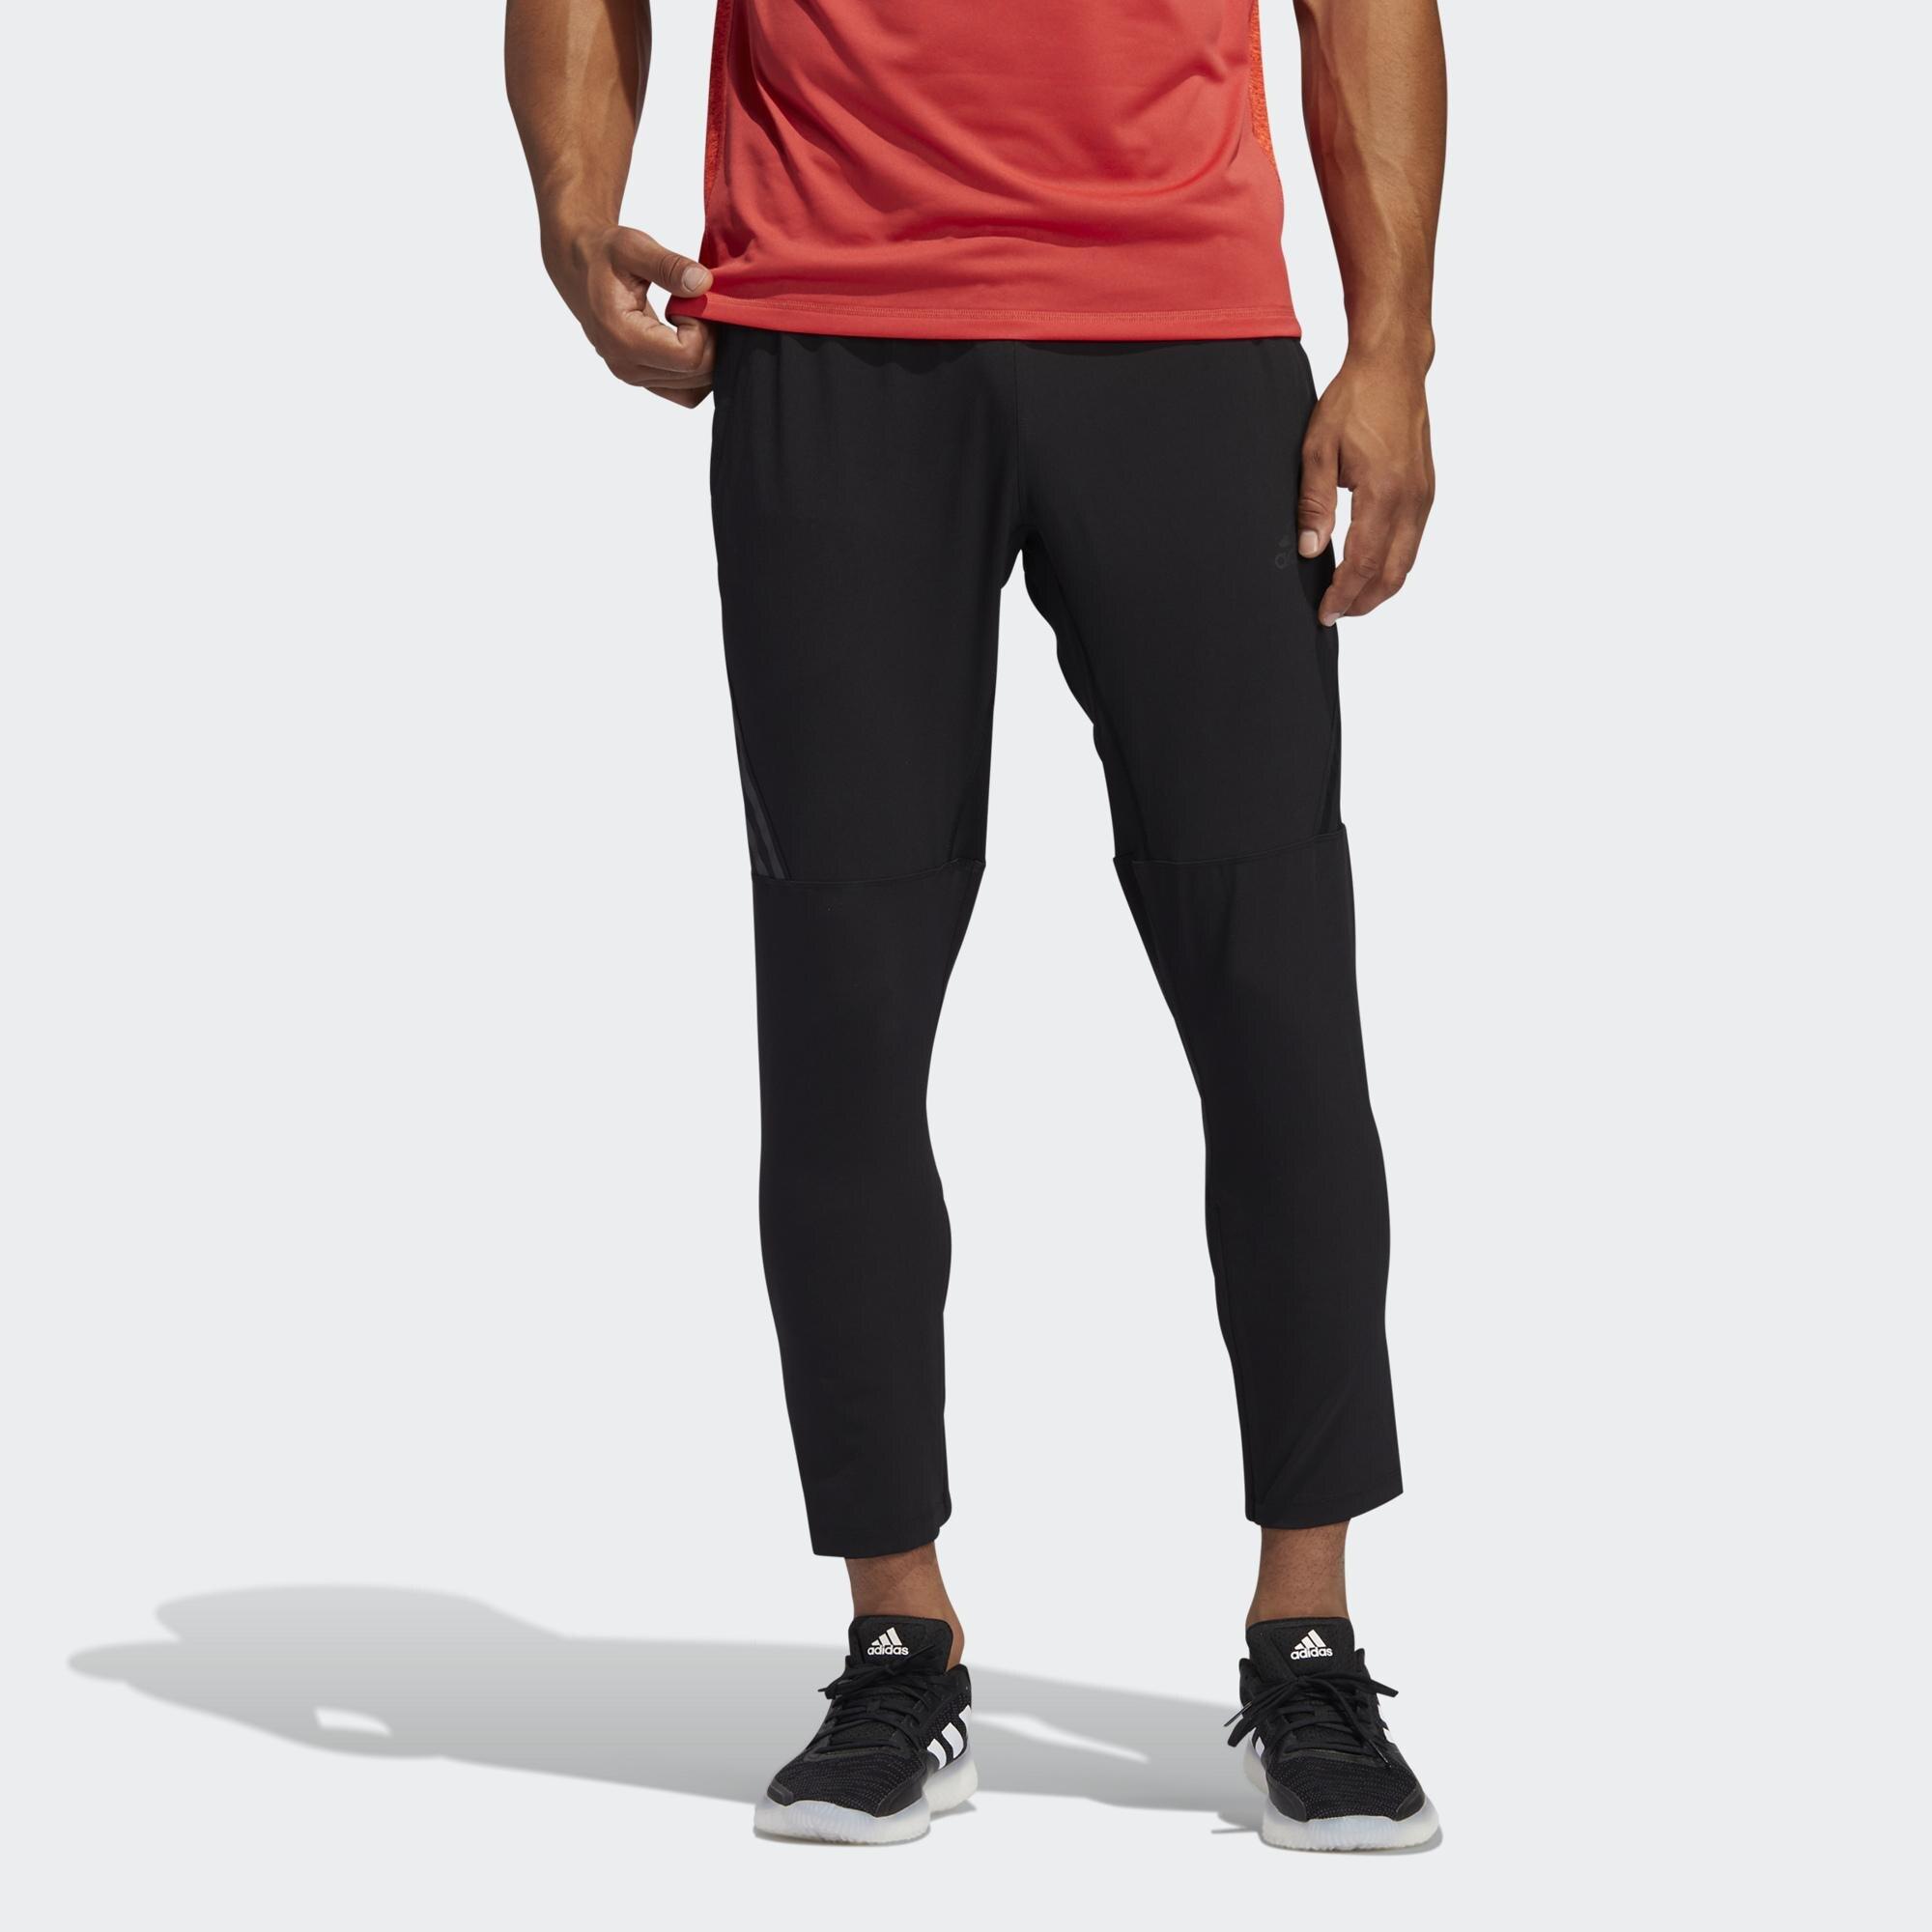 【領券最高折$400】【現貨】Adidas AEROREADY 男裝 長褲 訓練 健身 腳踝拉鍊 鬆緊腰 側邊口袋 黑【運動世界】FJ6134